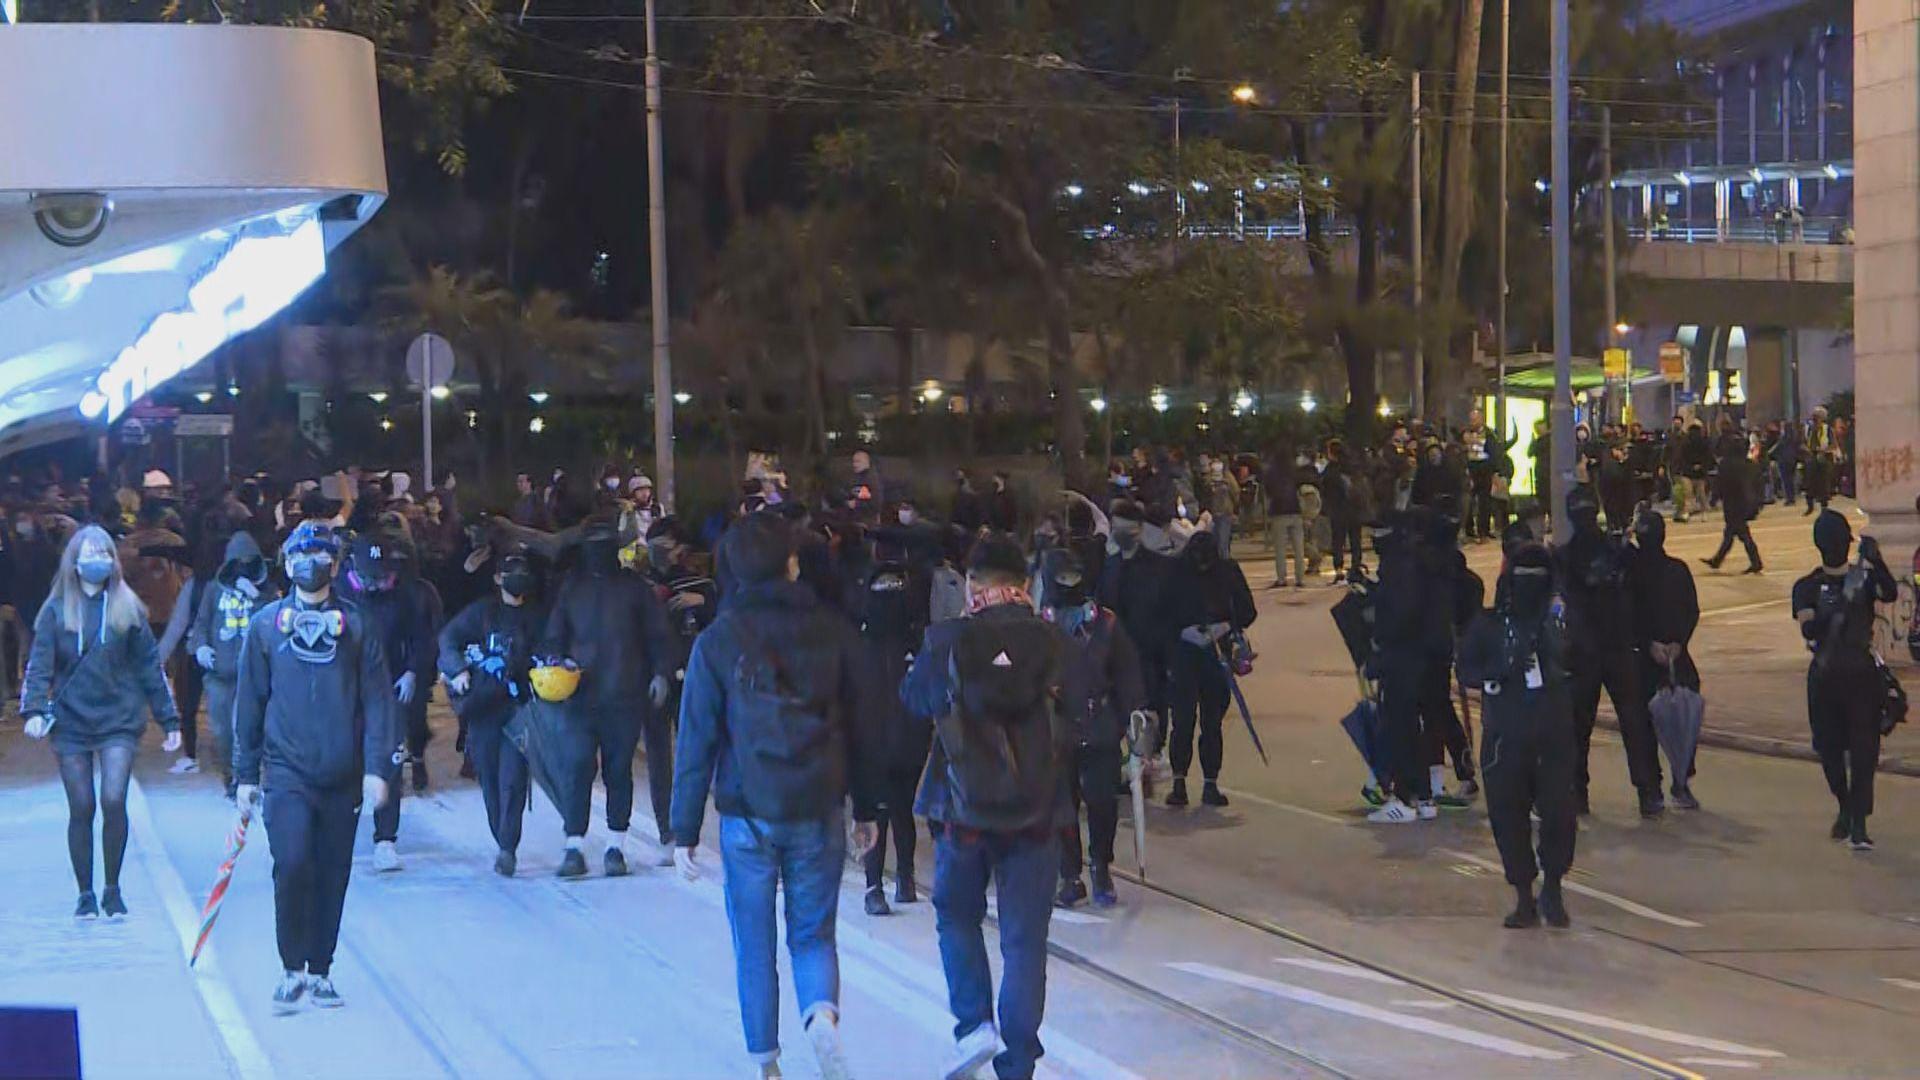 遊行晚上結束 市民陸續在中環散去